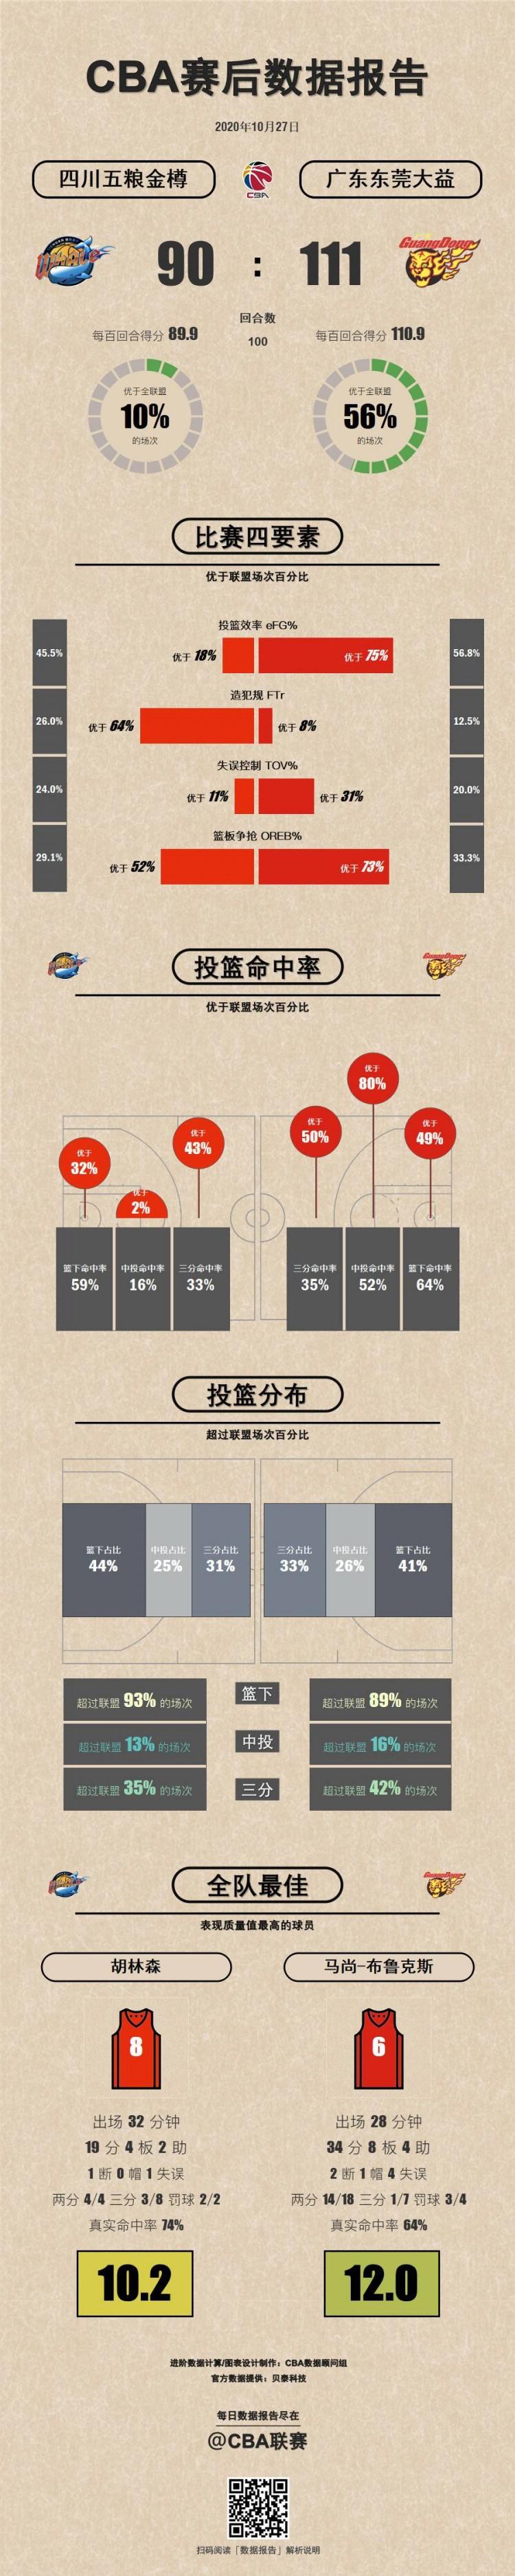 四川VS广东数据报告:马尚、胡林森表现质量值两队最高